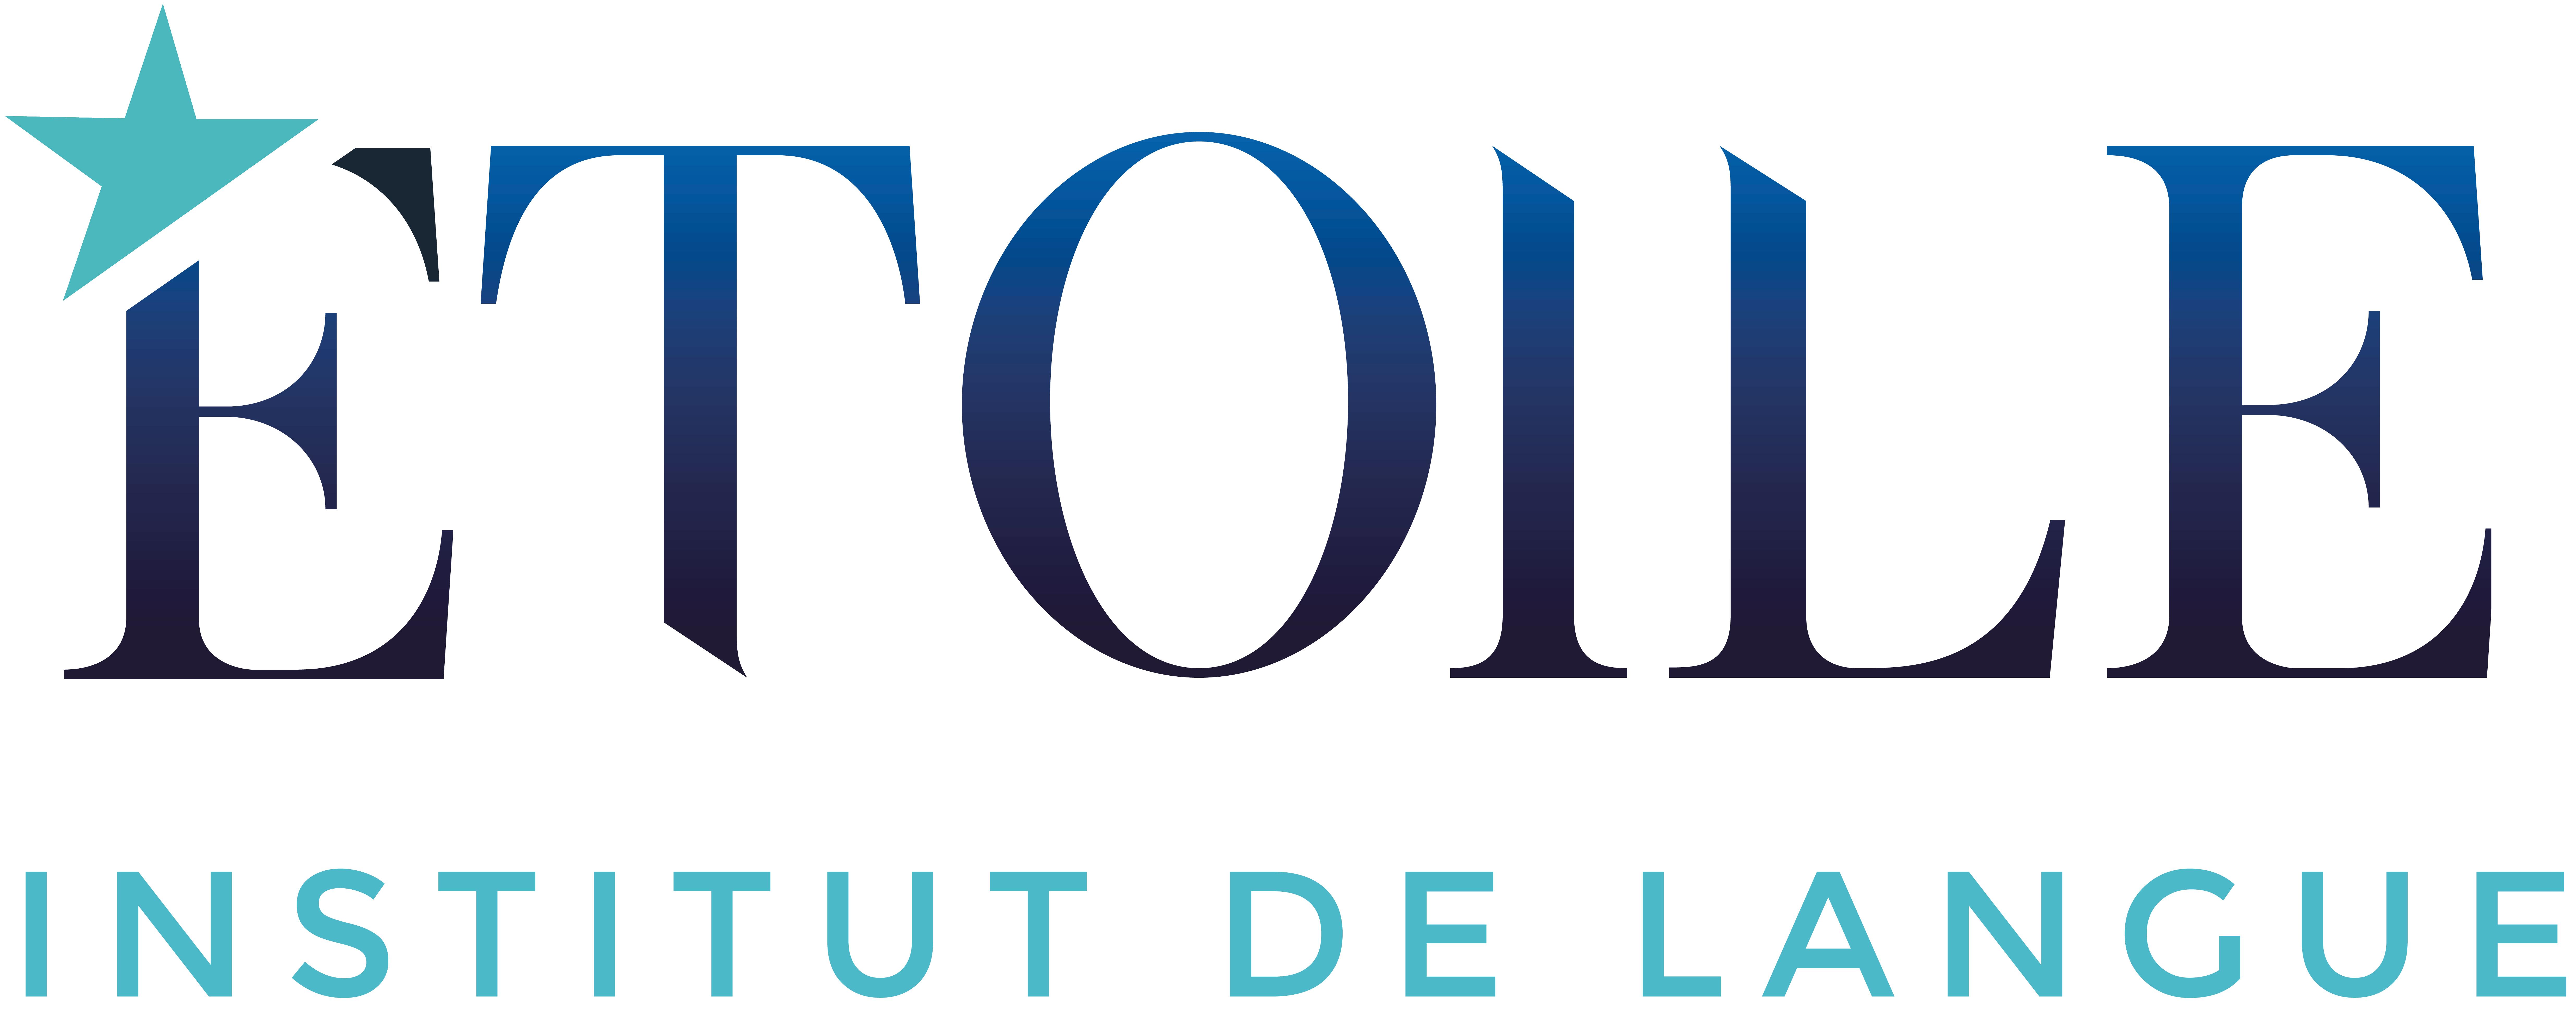 Etoile Institute